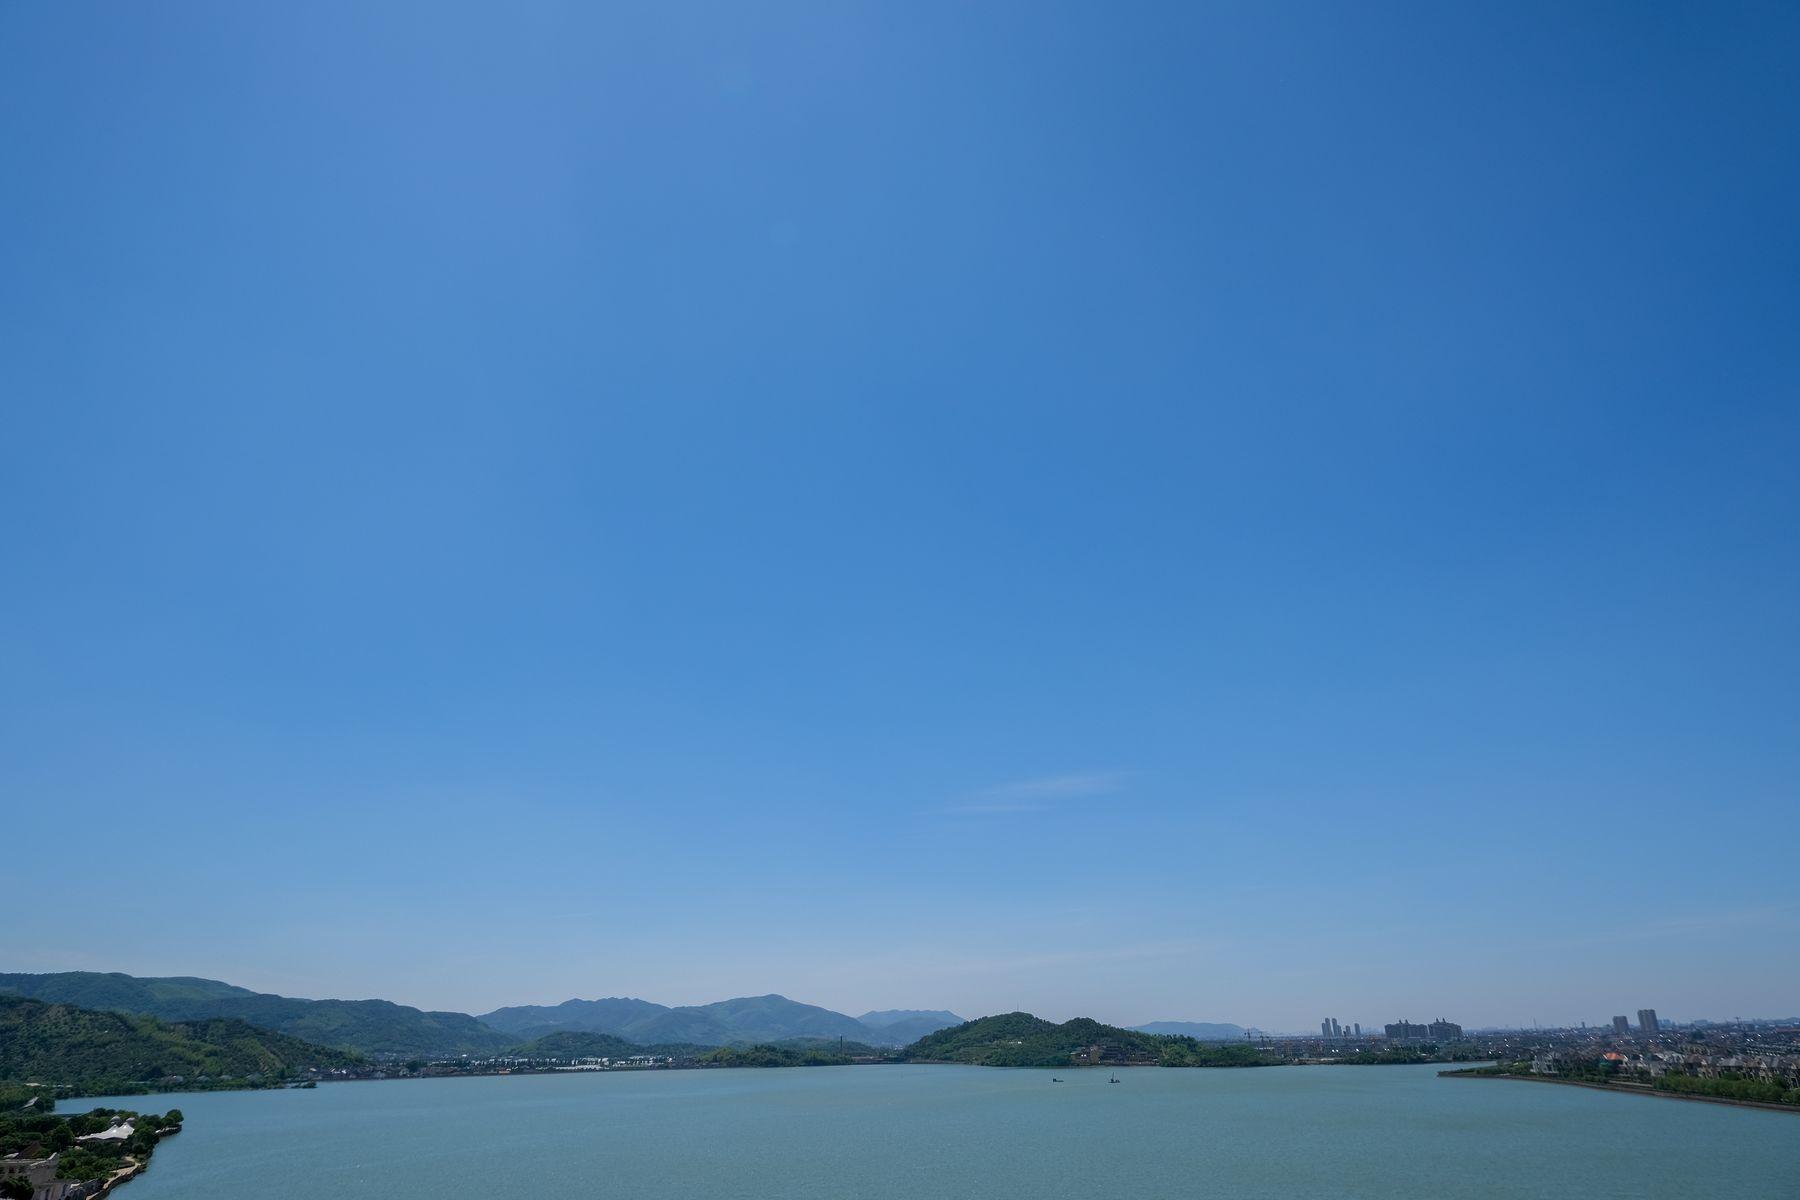 可免费商用!江边湖景照片素材下载(免费商用照片下载,6240X4160 像素)